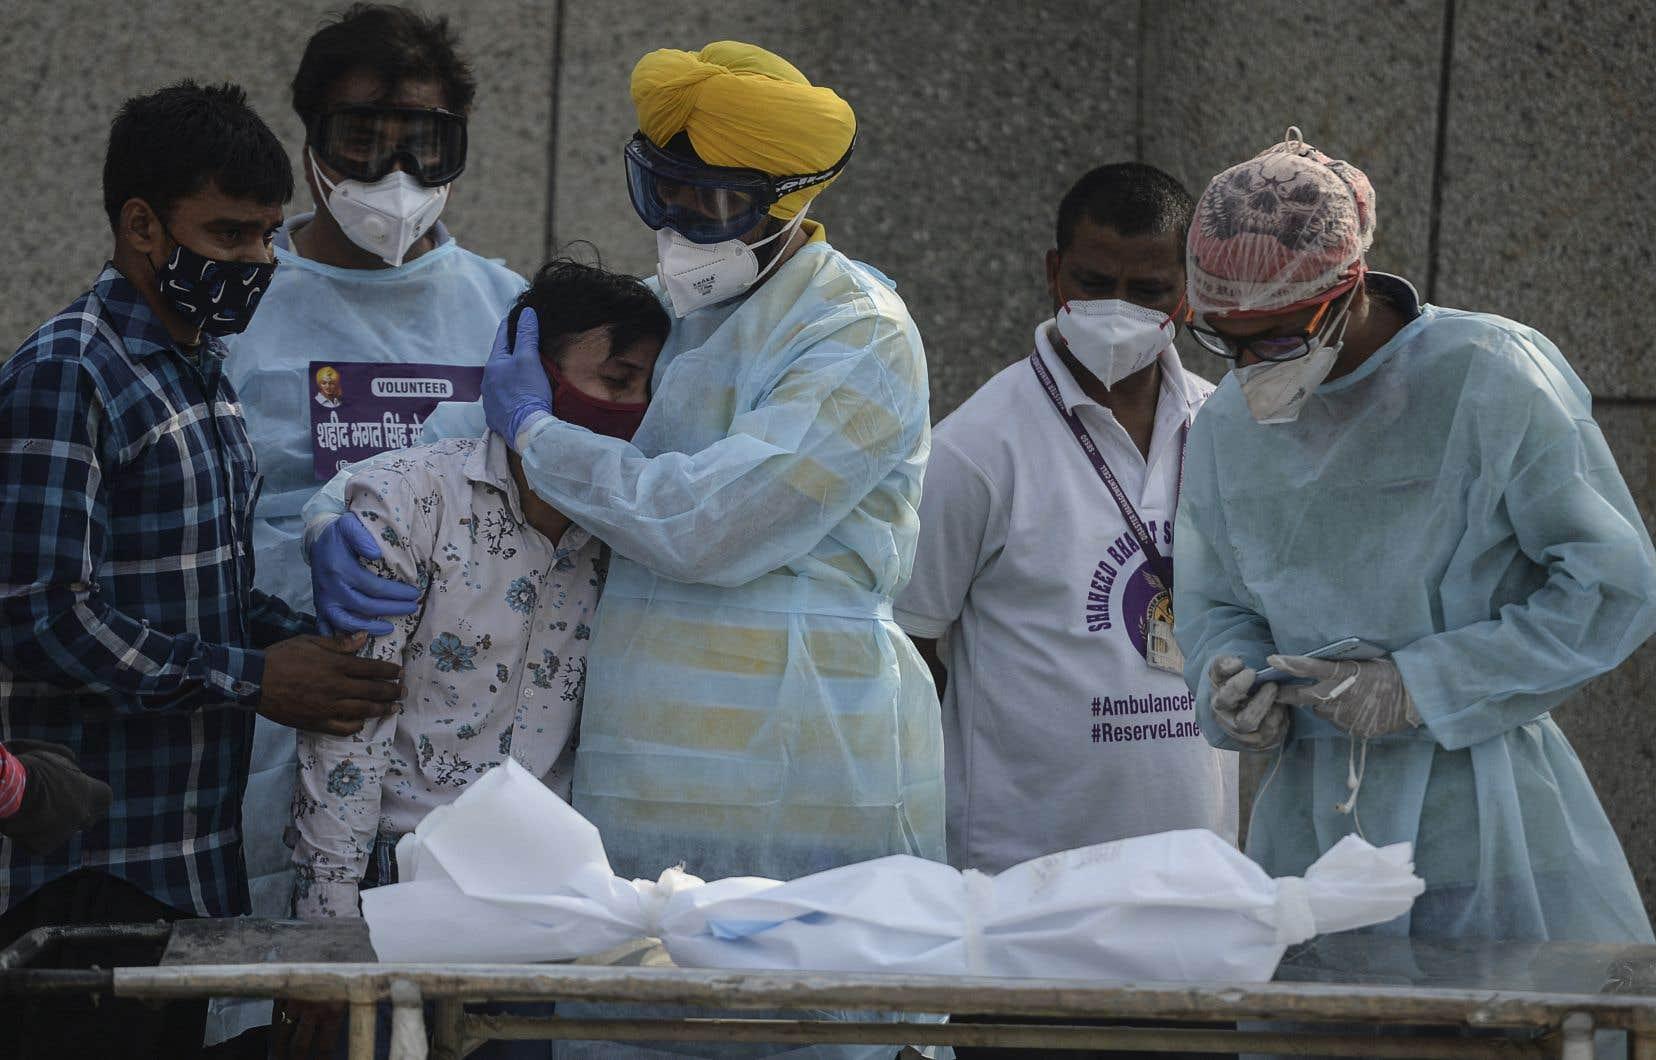 Les États-Unis et le Canada ont approuvé la vaccination pour les enfants de 12 à 15ans, et ceux-ci le seront sous peu.